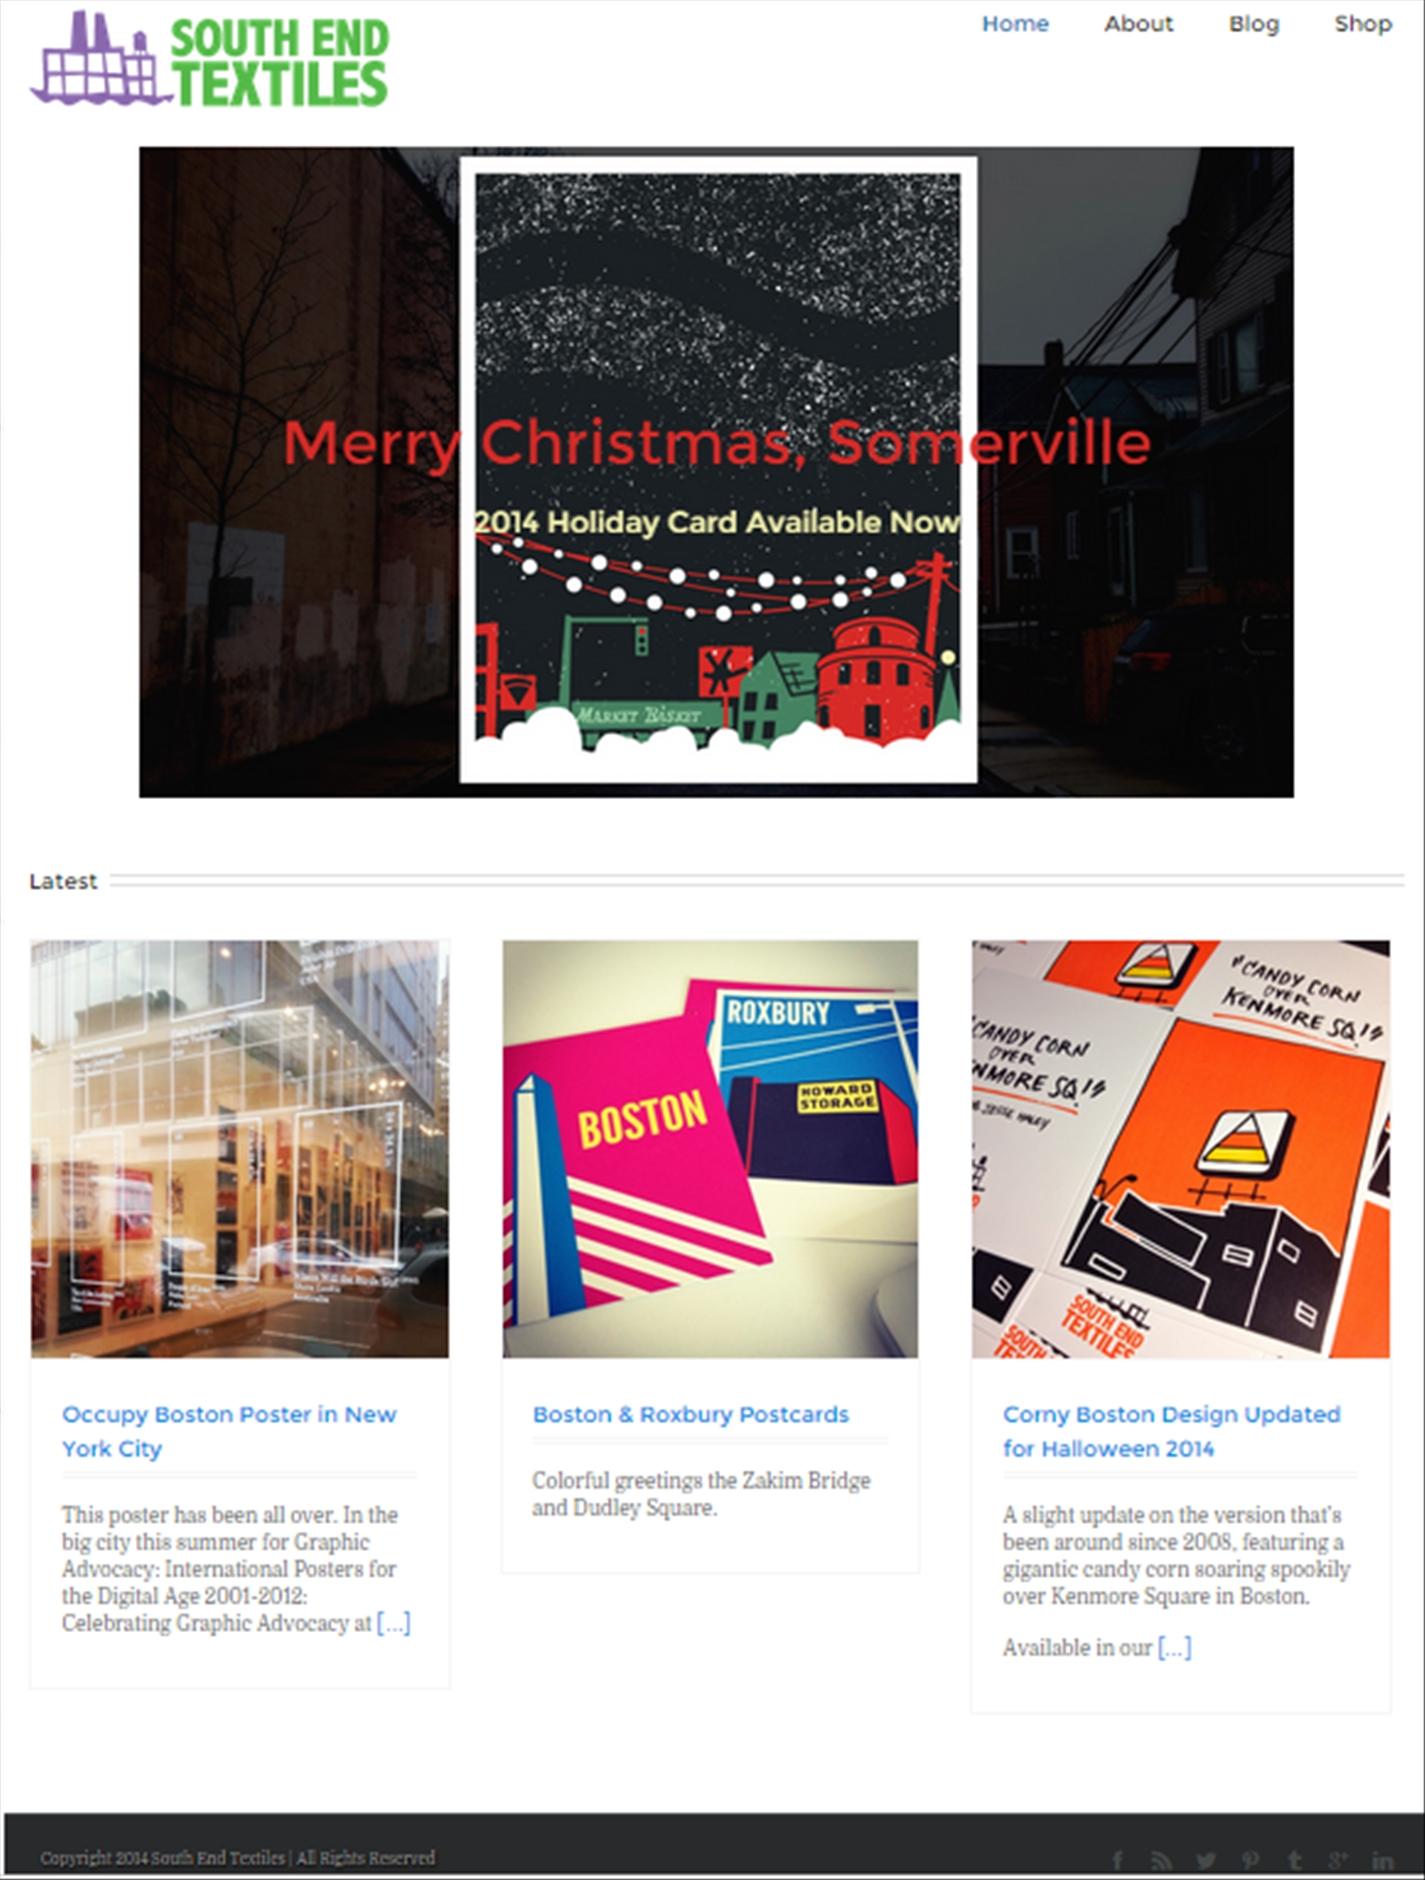 South End Textiles – Website